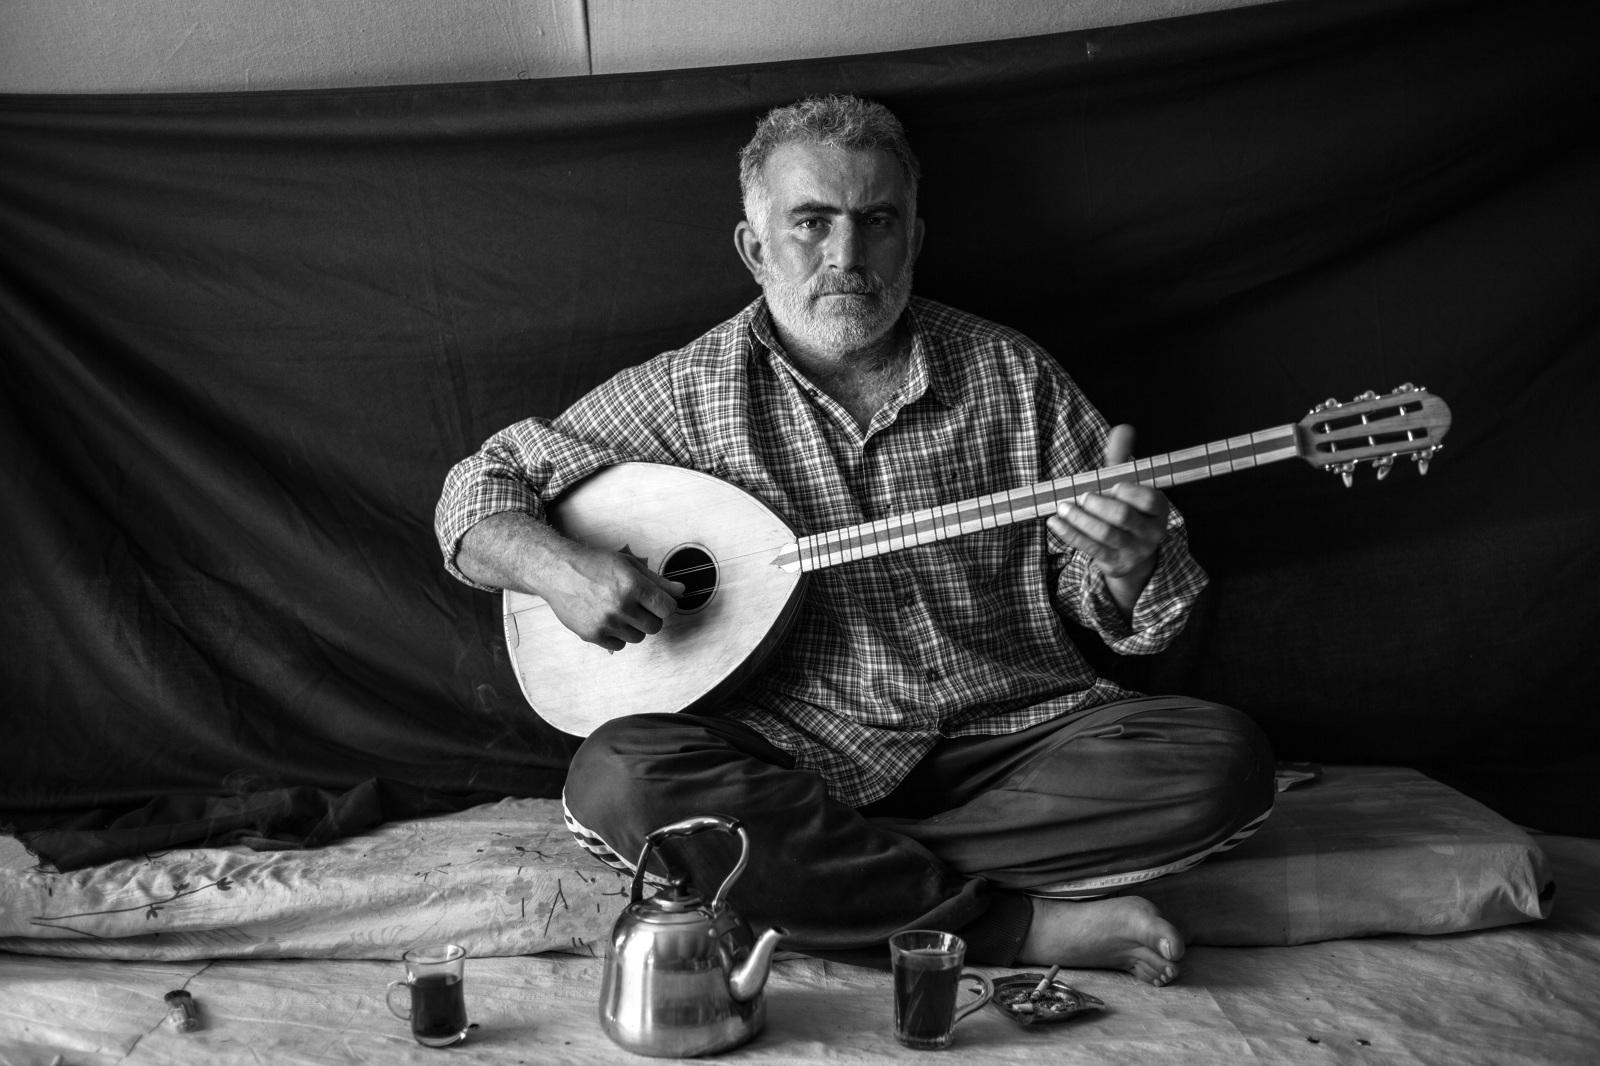 Abdulaziz en el campo de refugiados de Domiz (Kurdistán). Huyó de su hogar en Siria la noche que asesinaron a sus vecinos. La cosa más importante que pudo llevarse fue el instrumento que sostiene. Brian Sokol/ACNUR